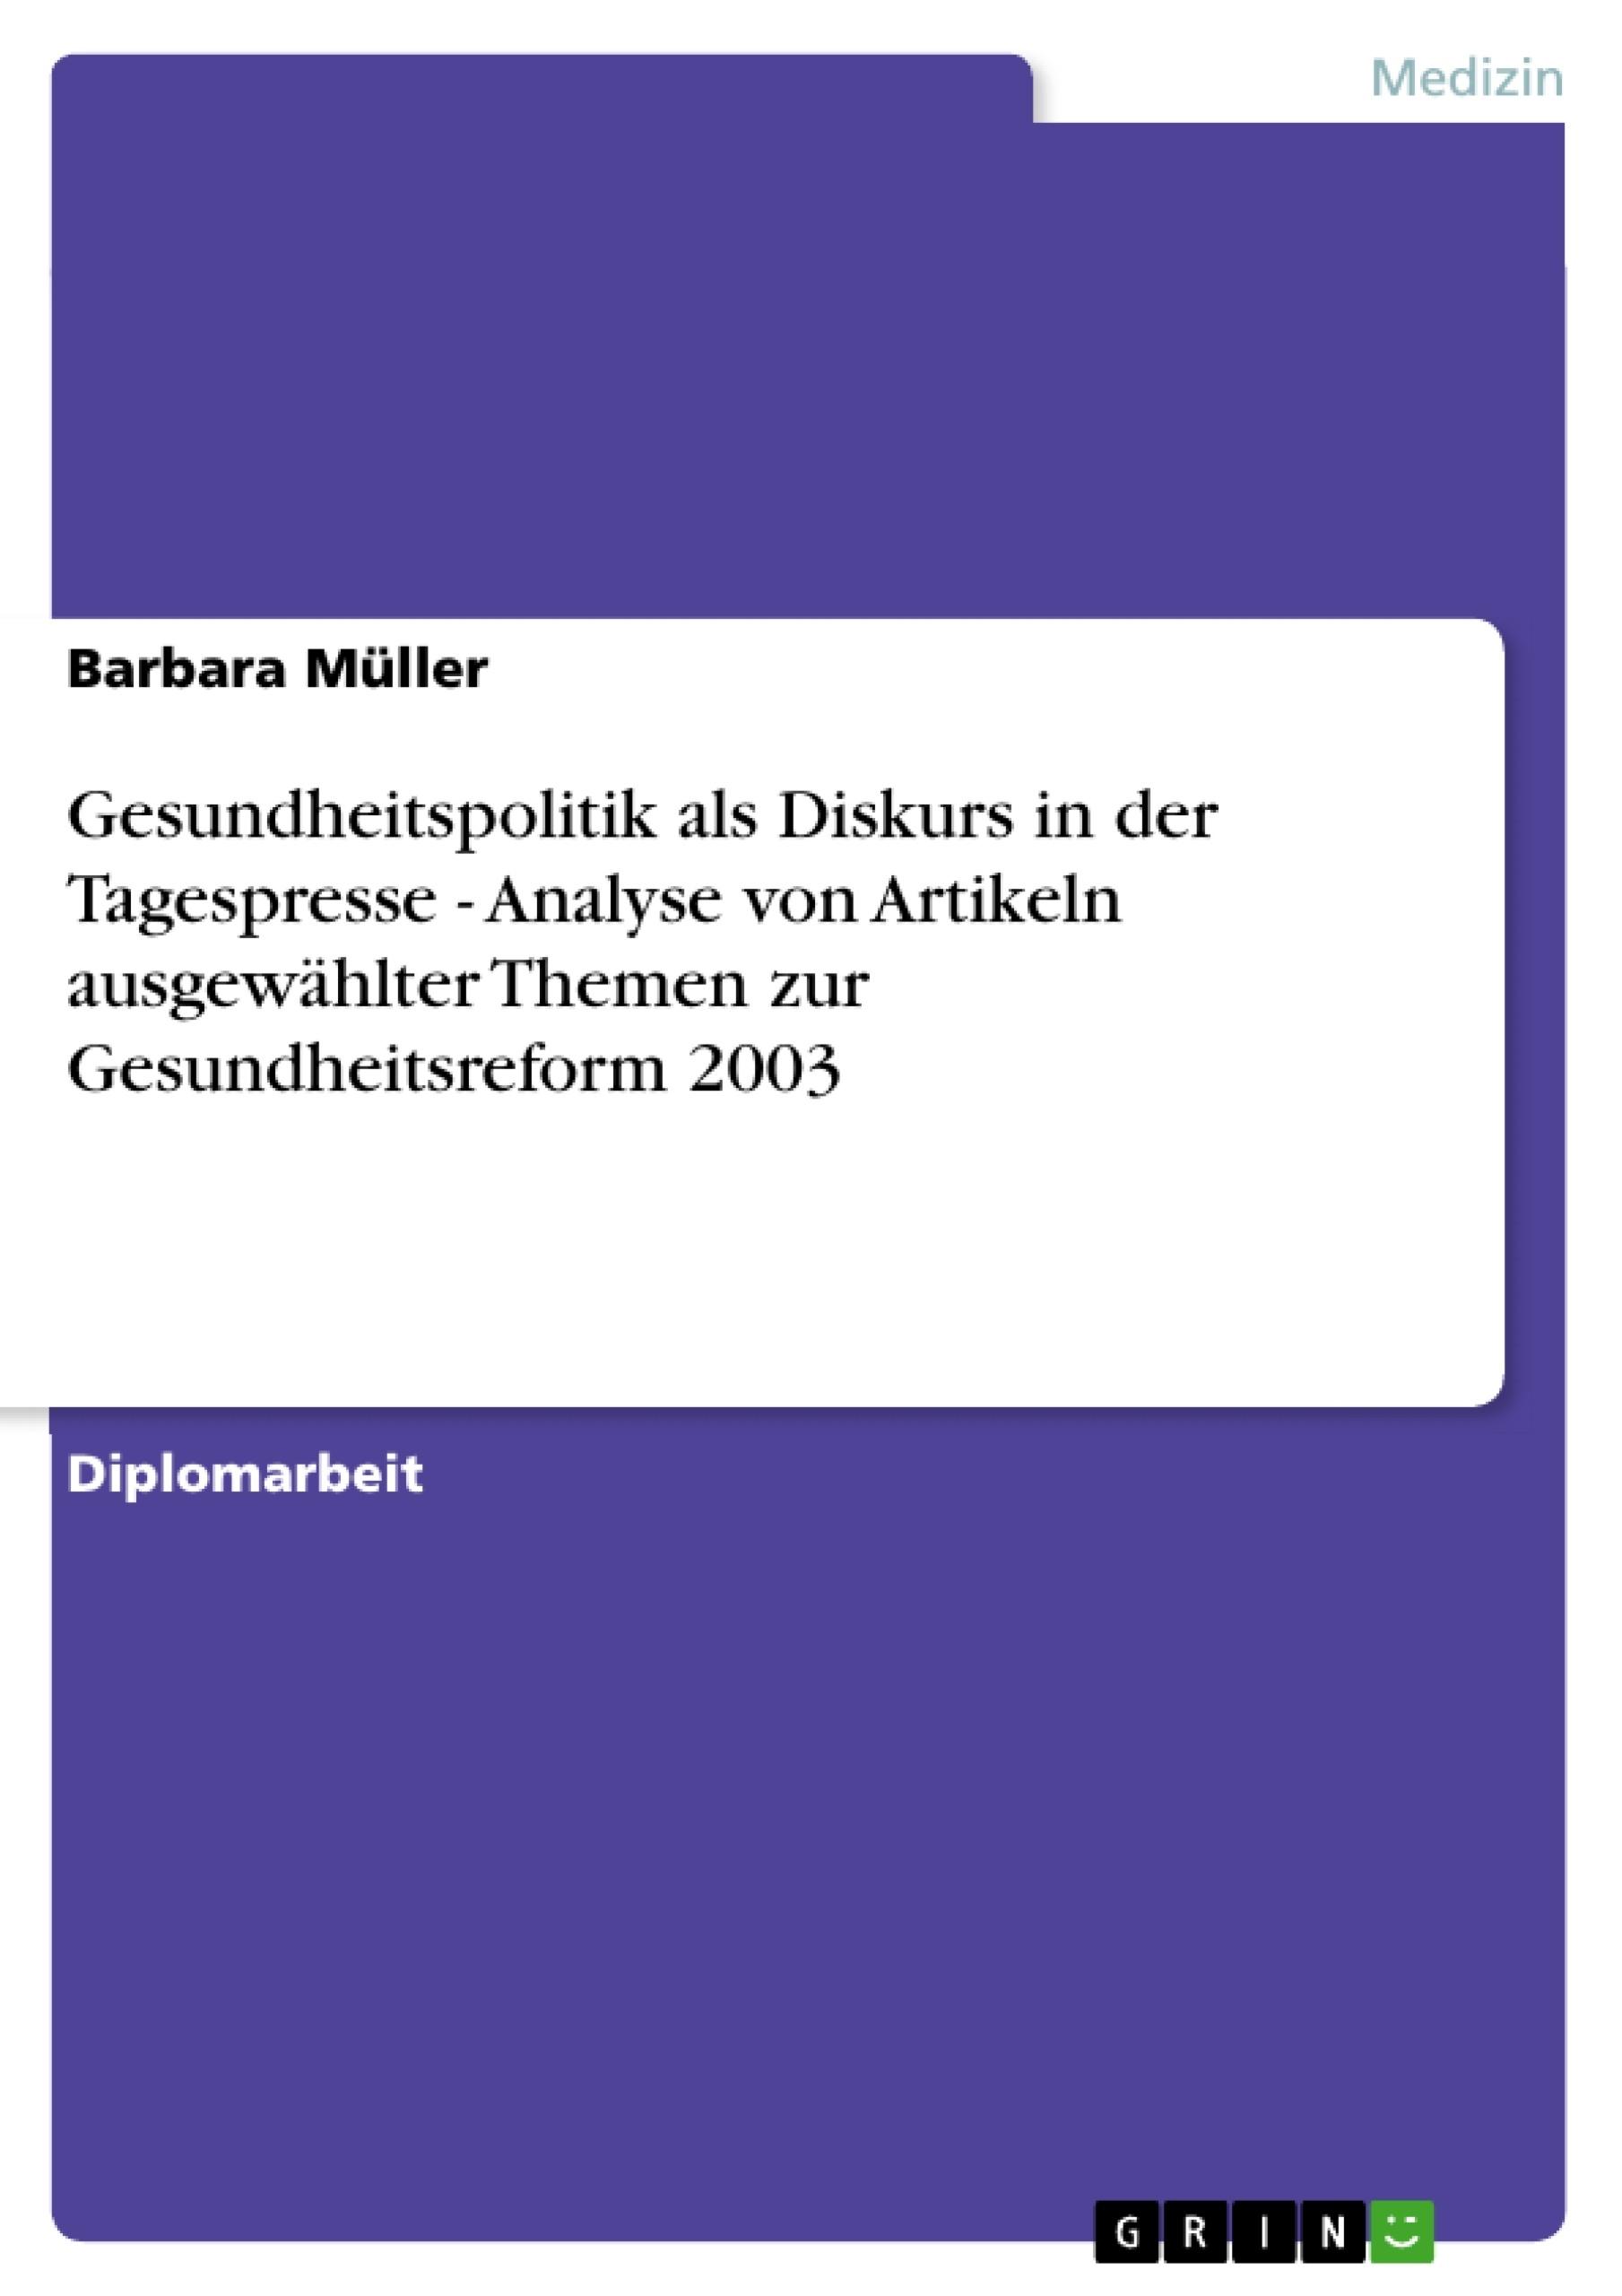 Titel: Gesundheitspolitik als Diskurs in der Tagespresse - Analyse von Artikeln ausgewählter Themen zur Gesundheitsreform 2003